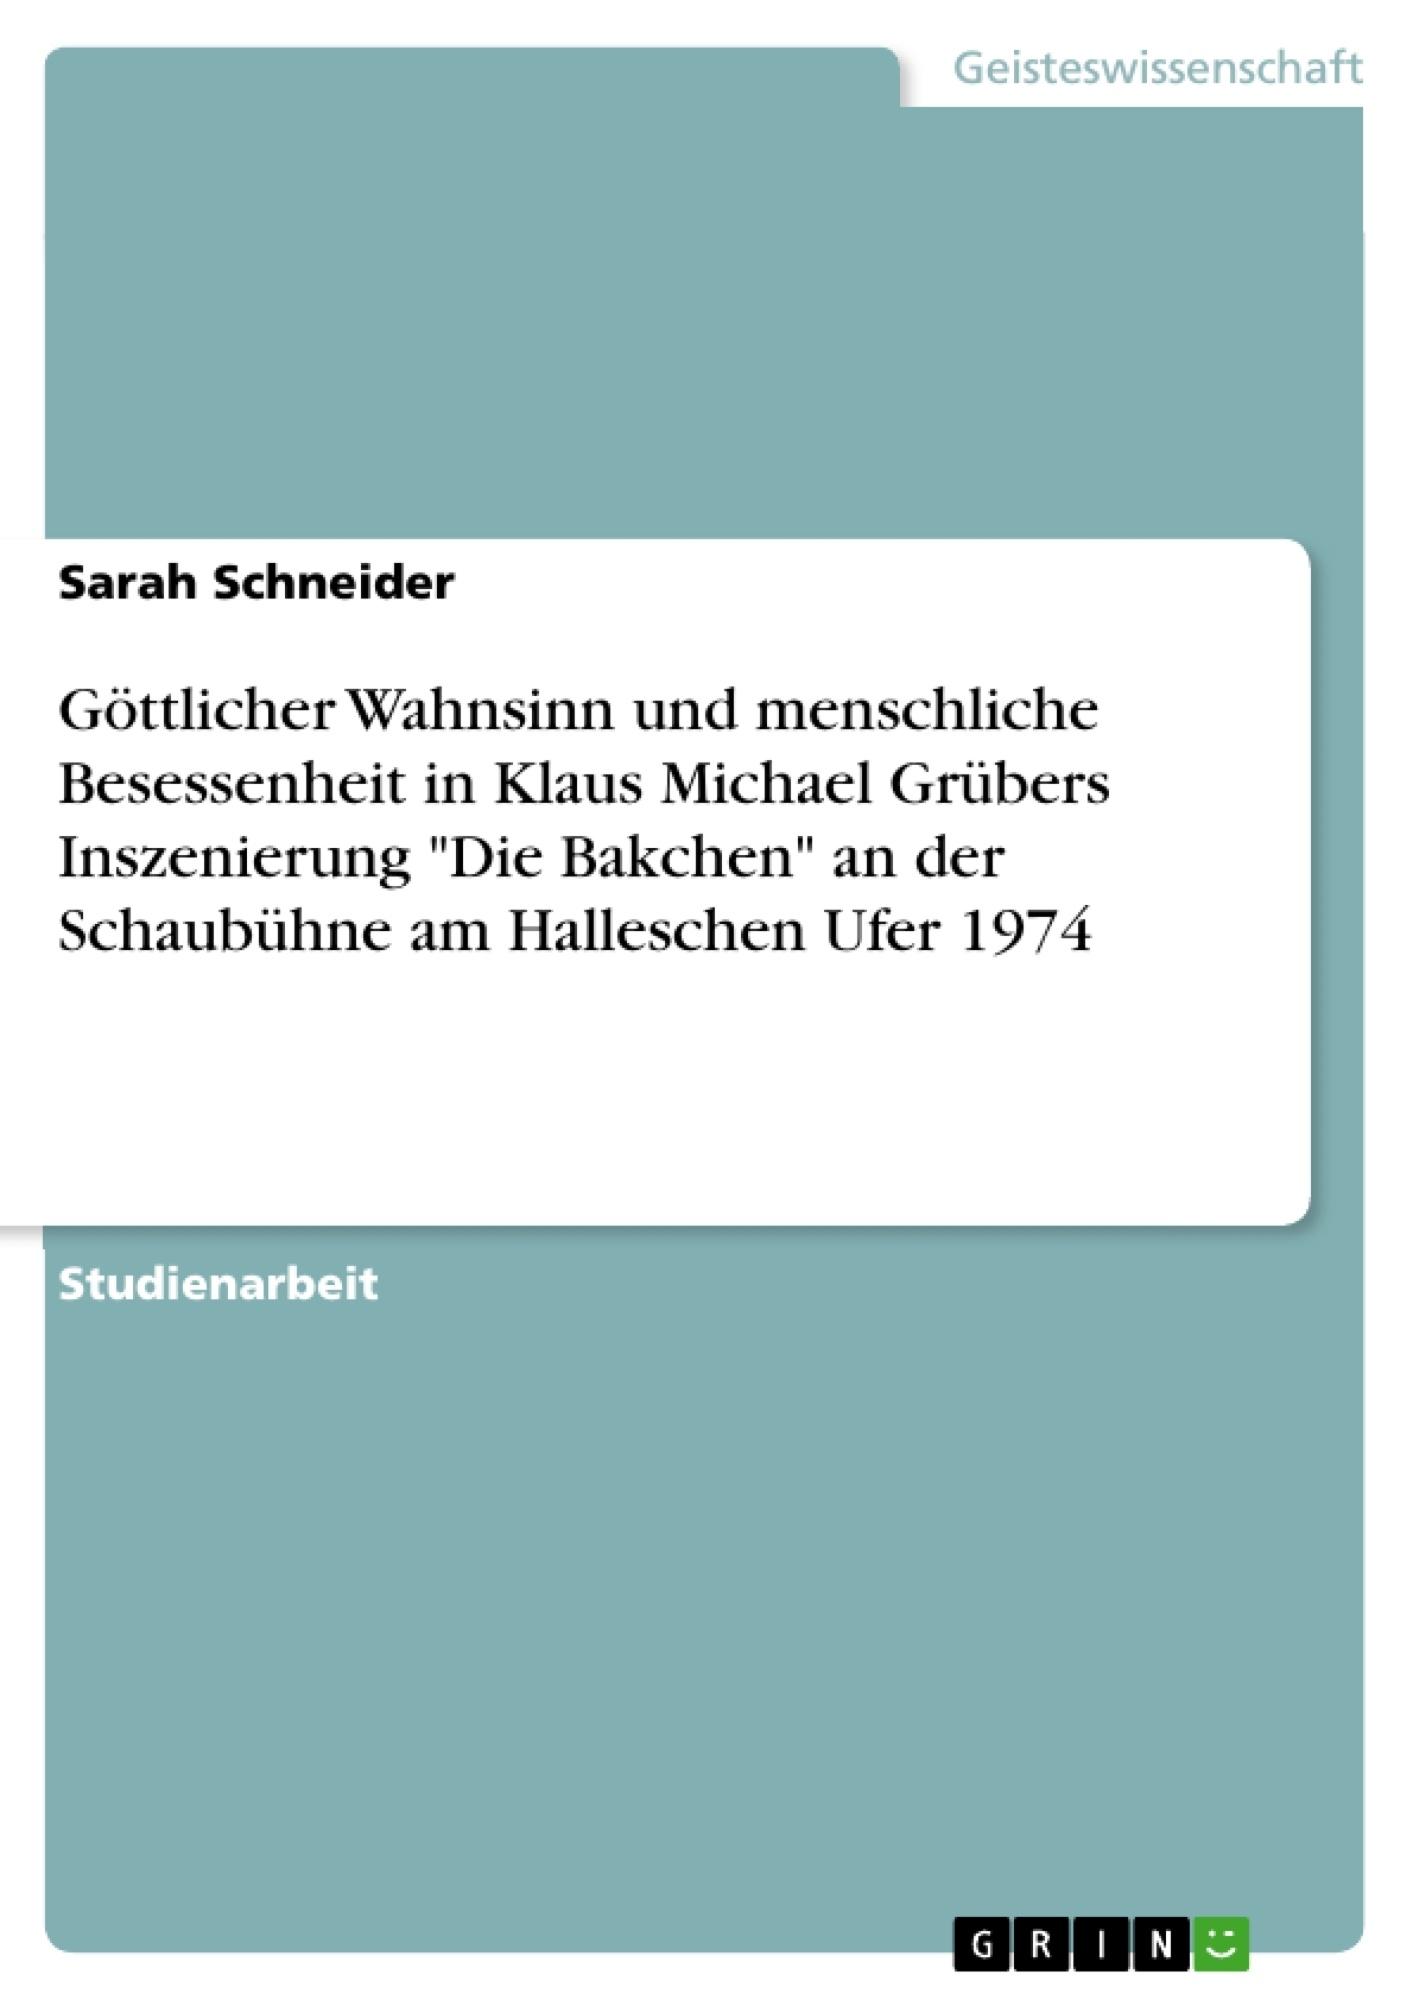 """Titel: Göttlicher Wahnsinn und menschliche Besessenheit in Klaus Michael Grübers Inszenierung """"Die Bakchen"""" an der Schaubühne am Halleschen Ufer 1974"""